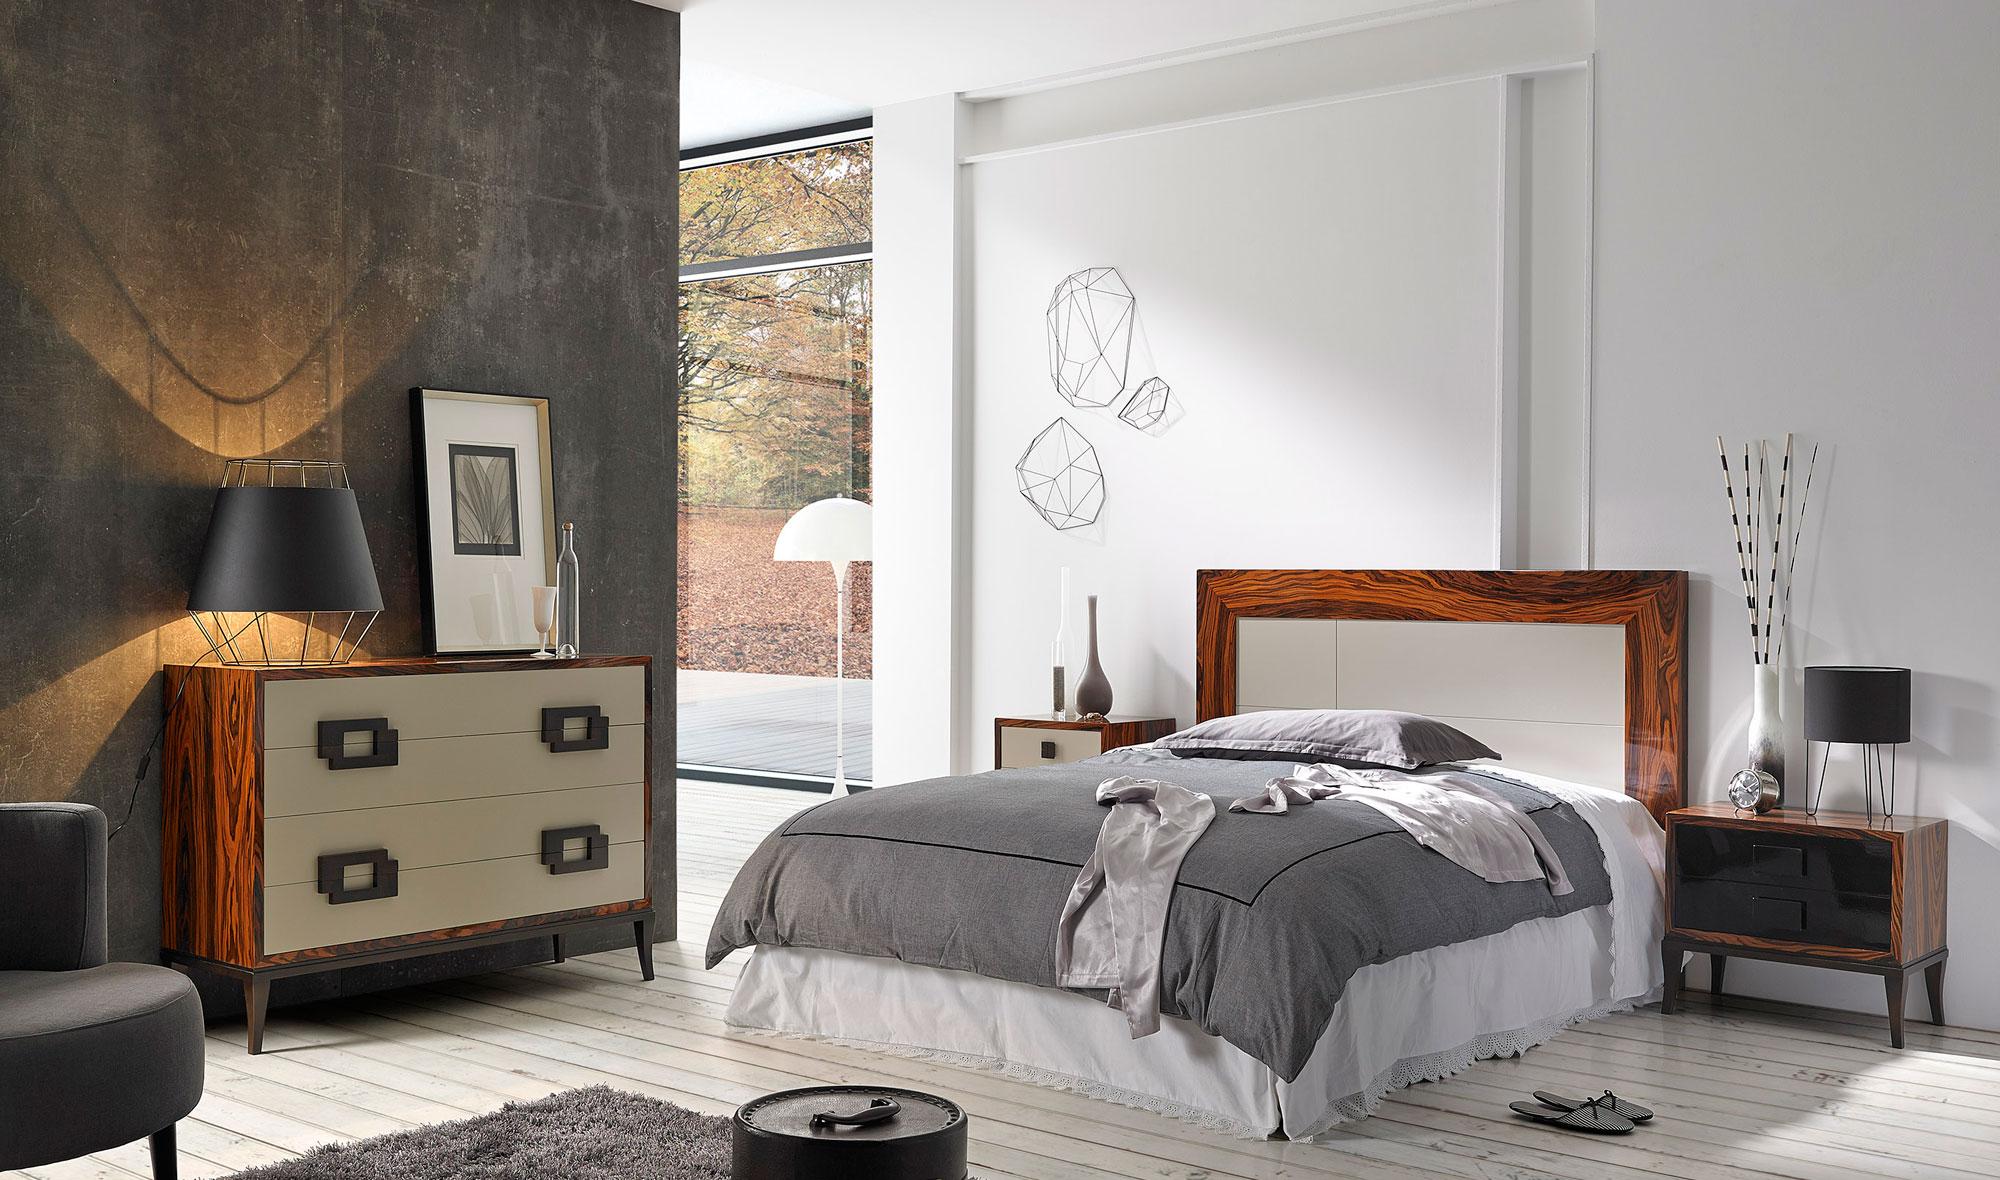 Dormitorio Vintage Vulcano En Portobellostreet Es # Muebles Vulcano